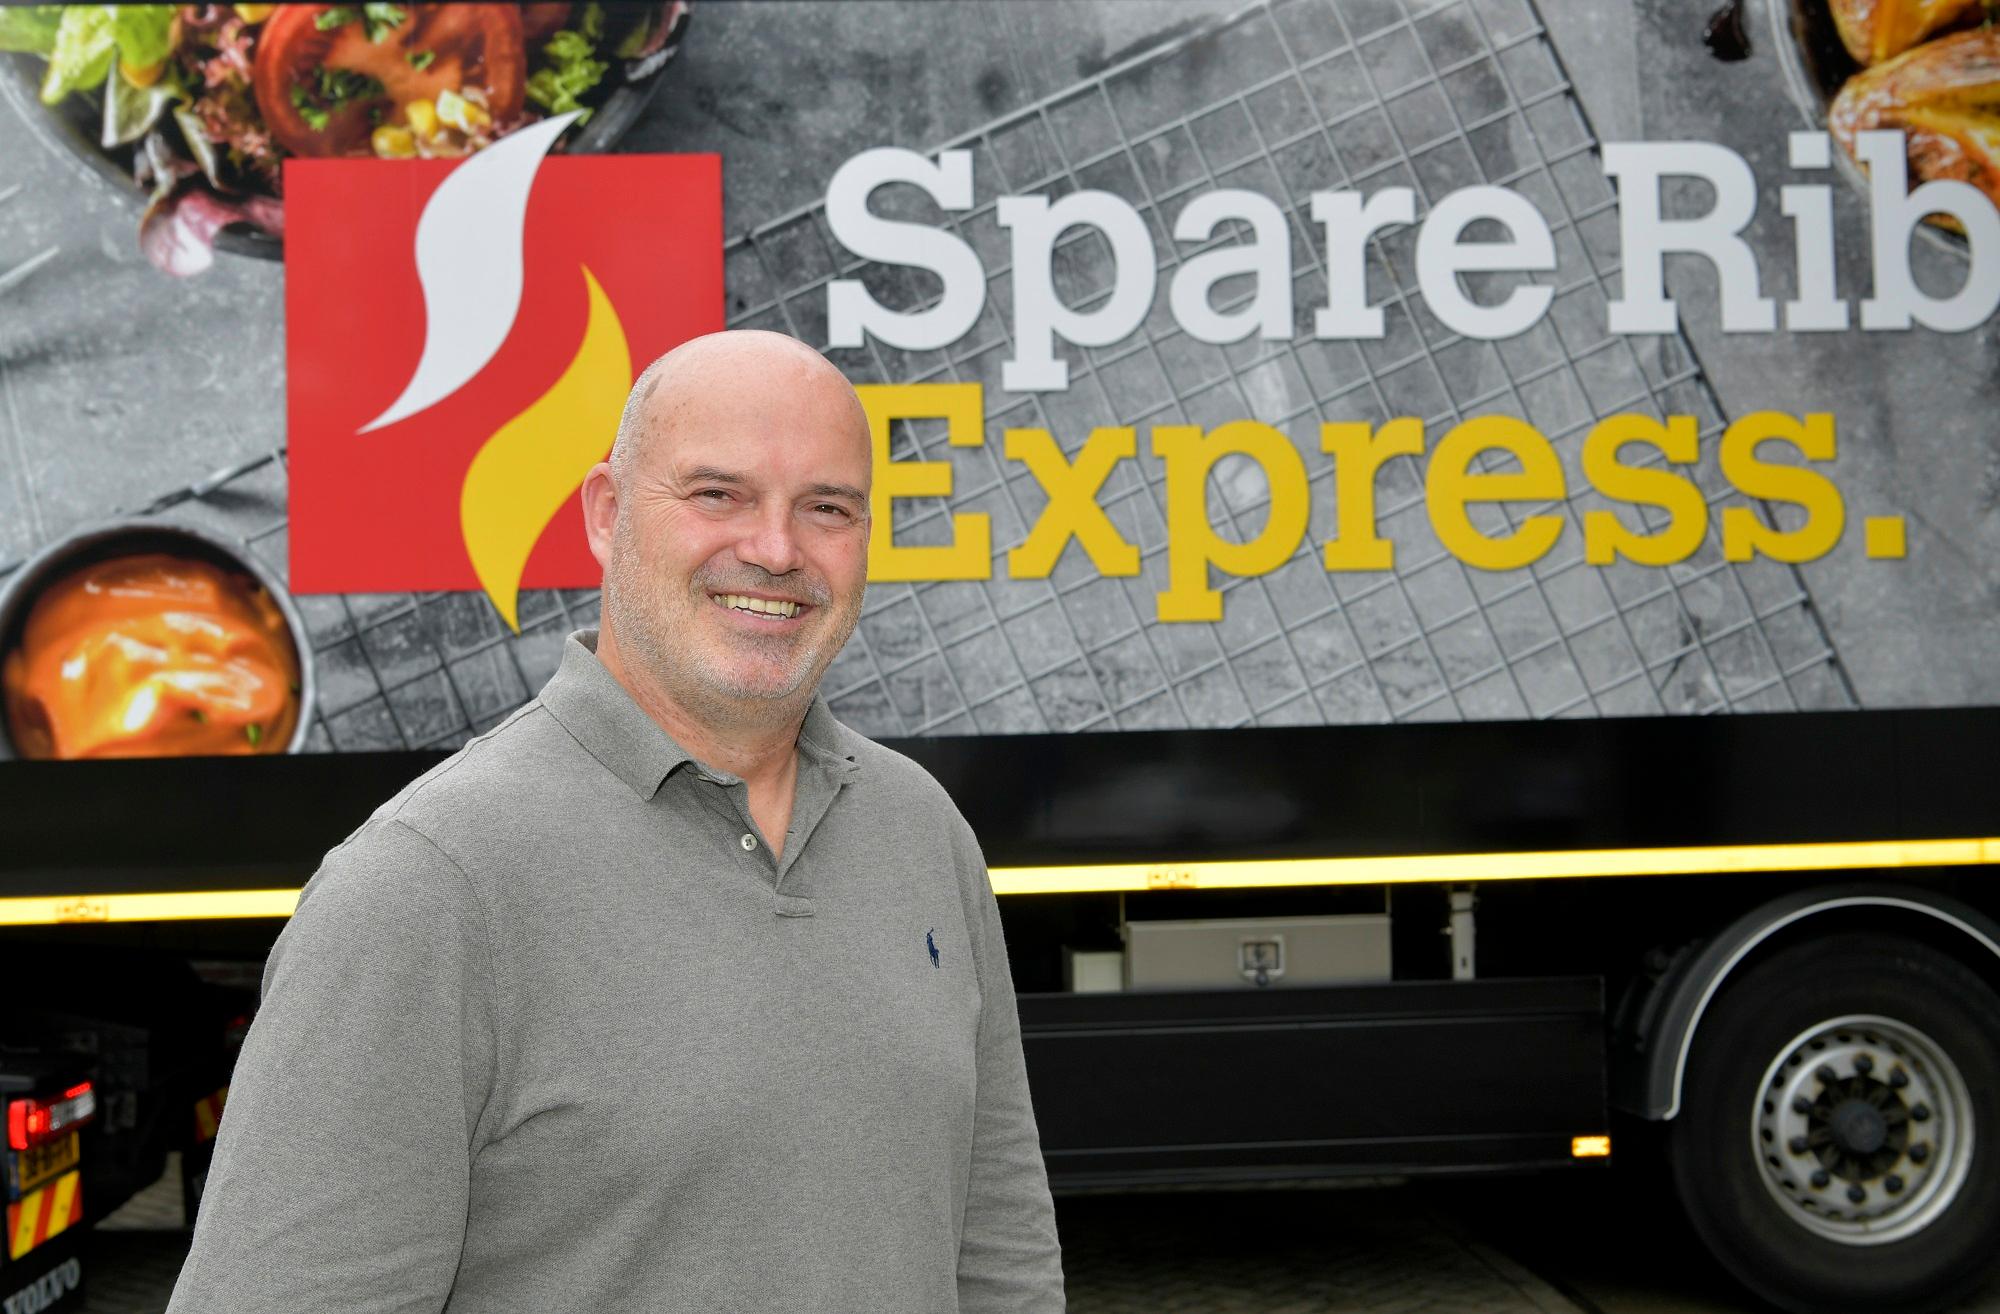 Geschäftsführer Spare Rib Express sieht viel Potenzial in Deutschland